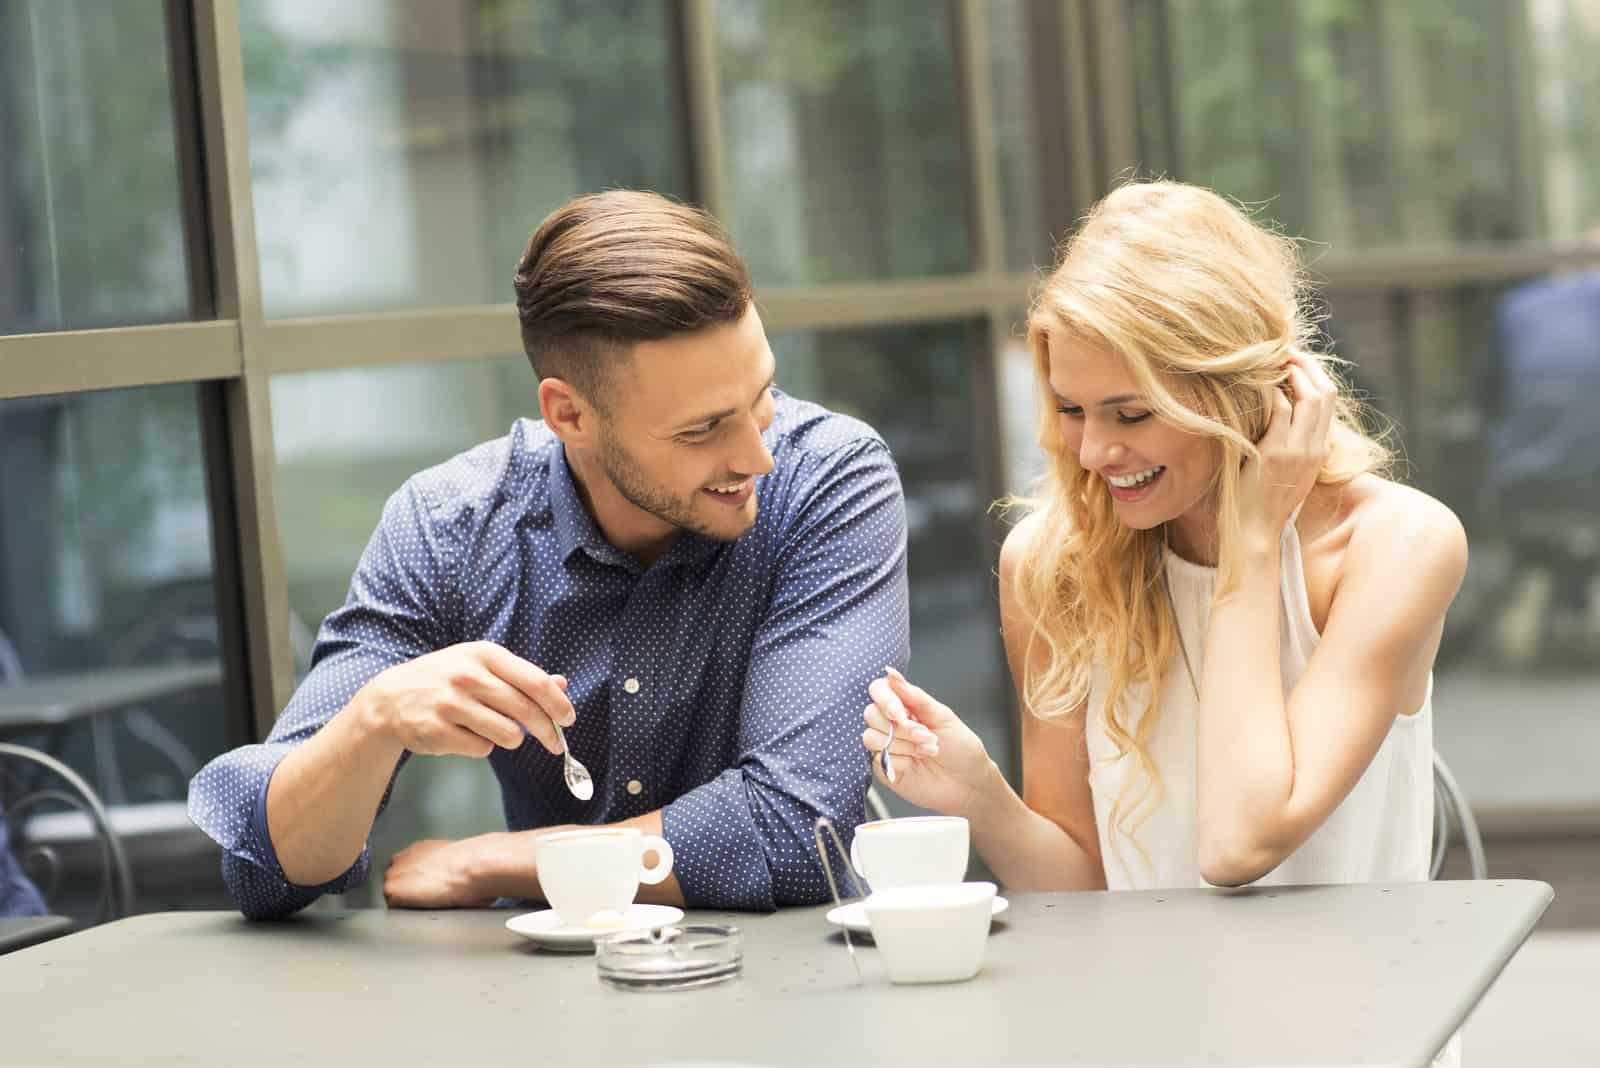 un homme et une femme s'assoient à une table et boivent du café